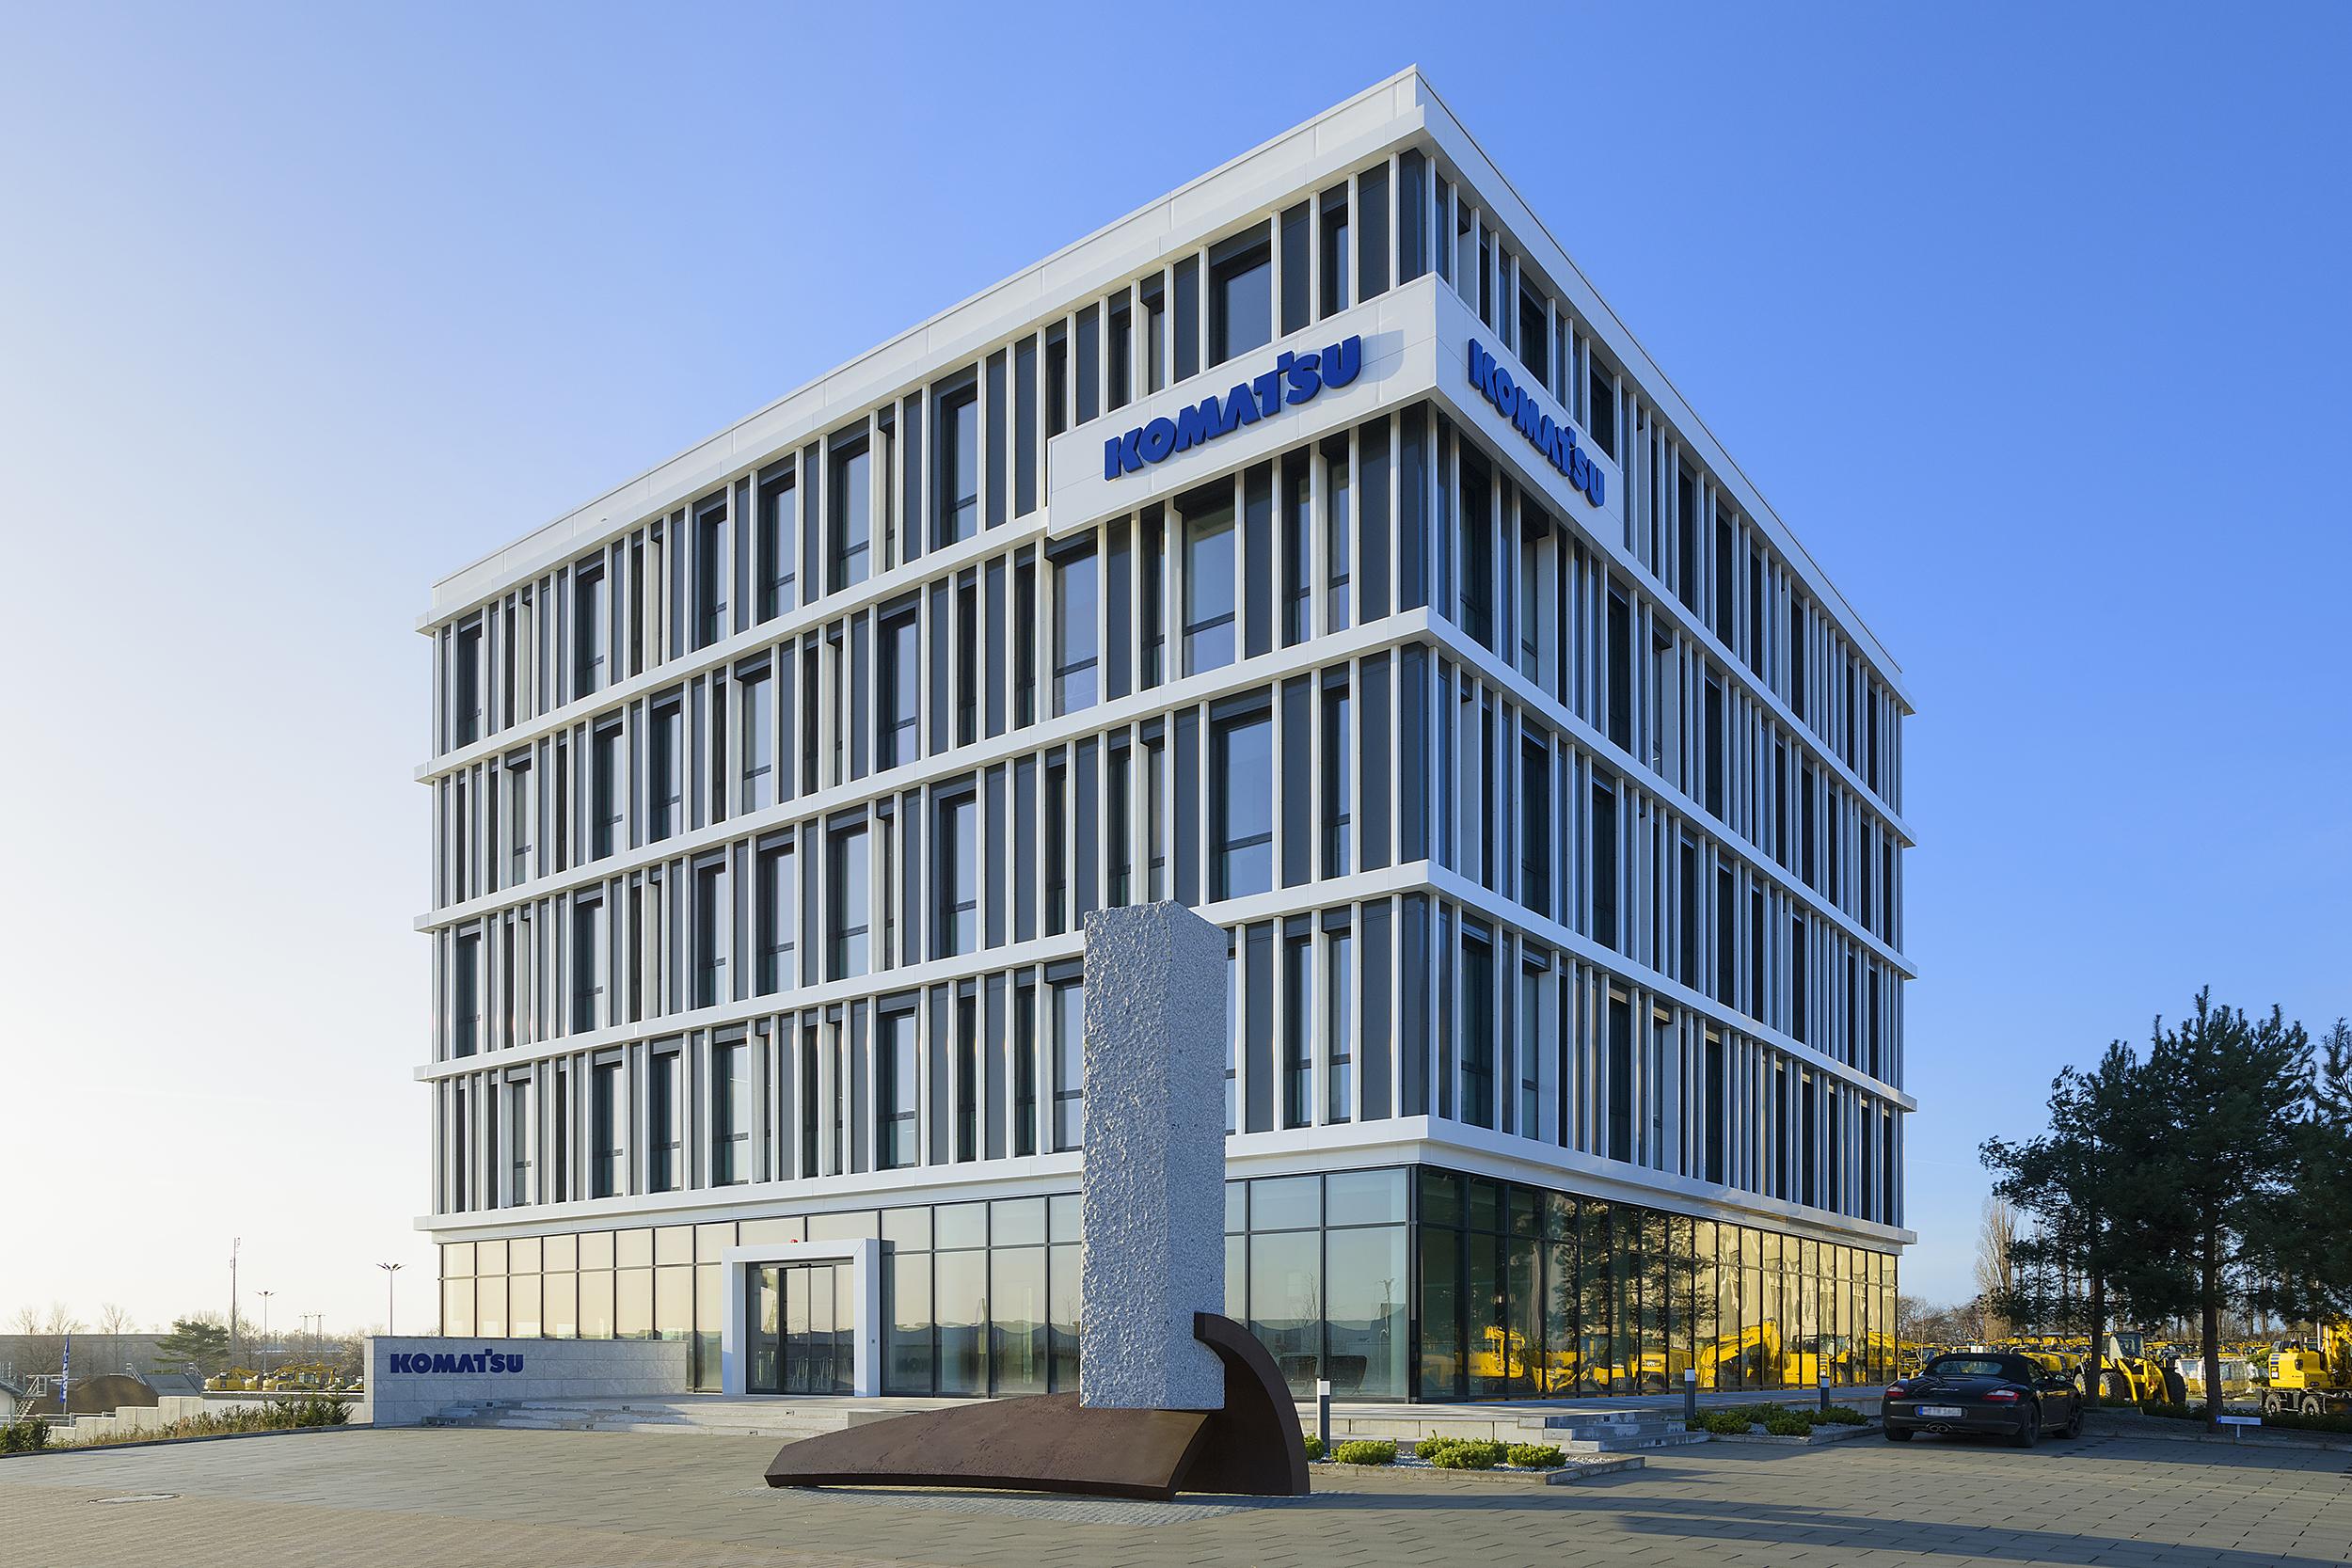 Porsche Centre St Gallen